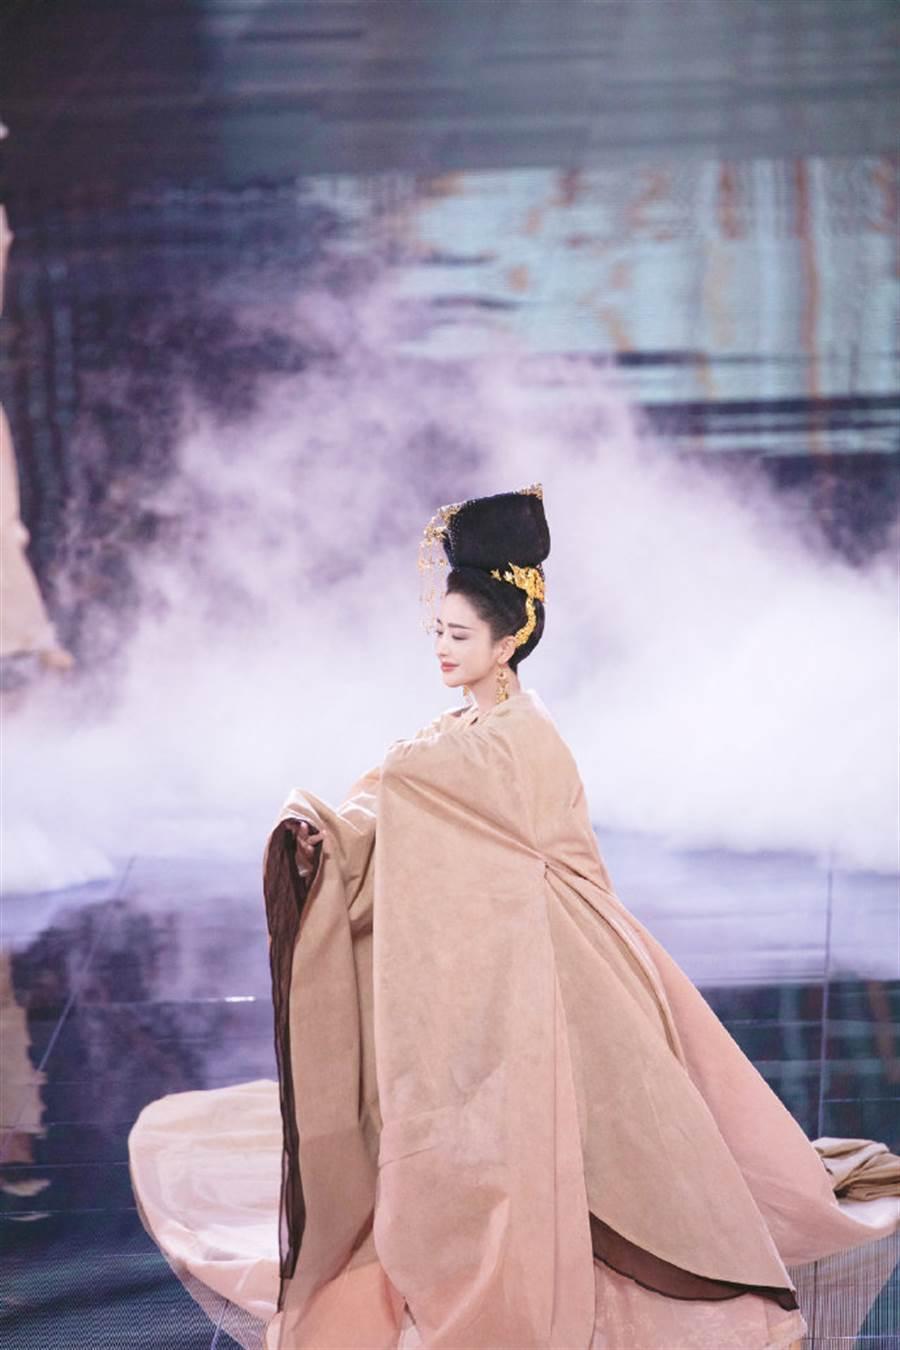 佟麗婭脫下罩衫,大秀絕美唐裝。(圖/取材自江蘇衛視天貓618超級晚微博)